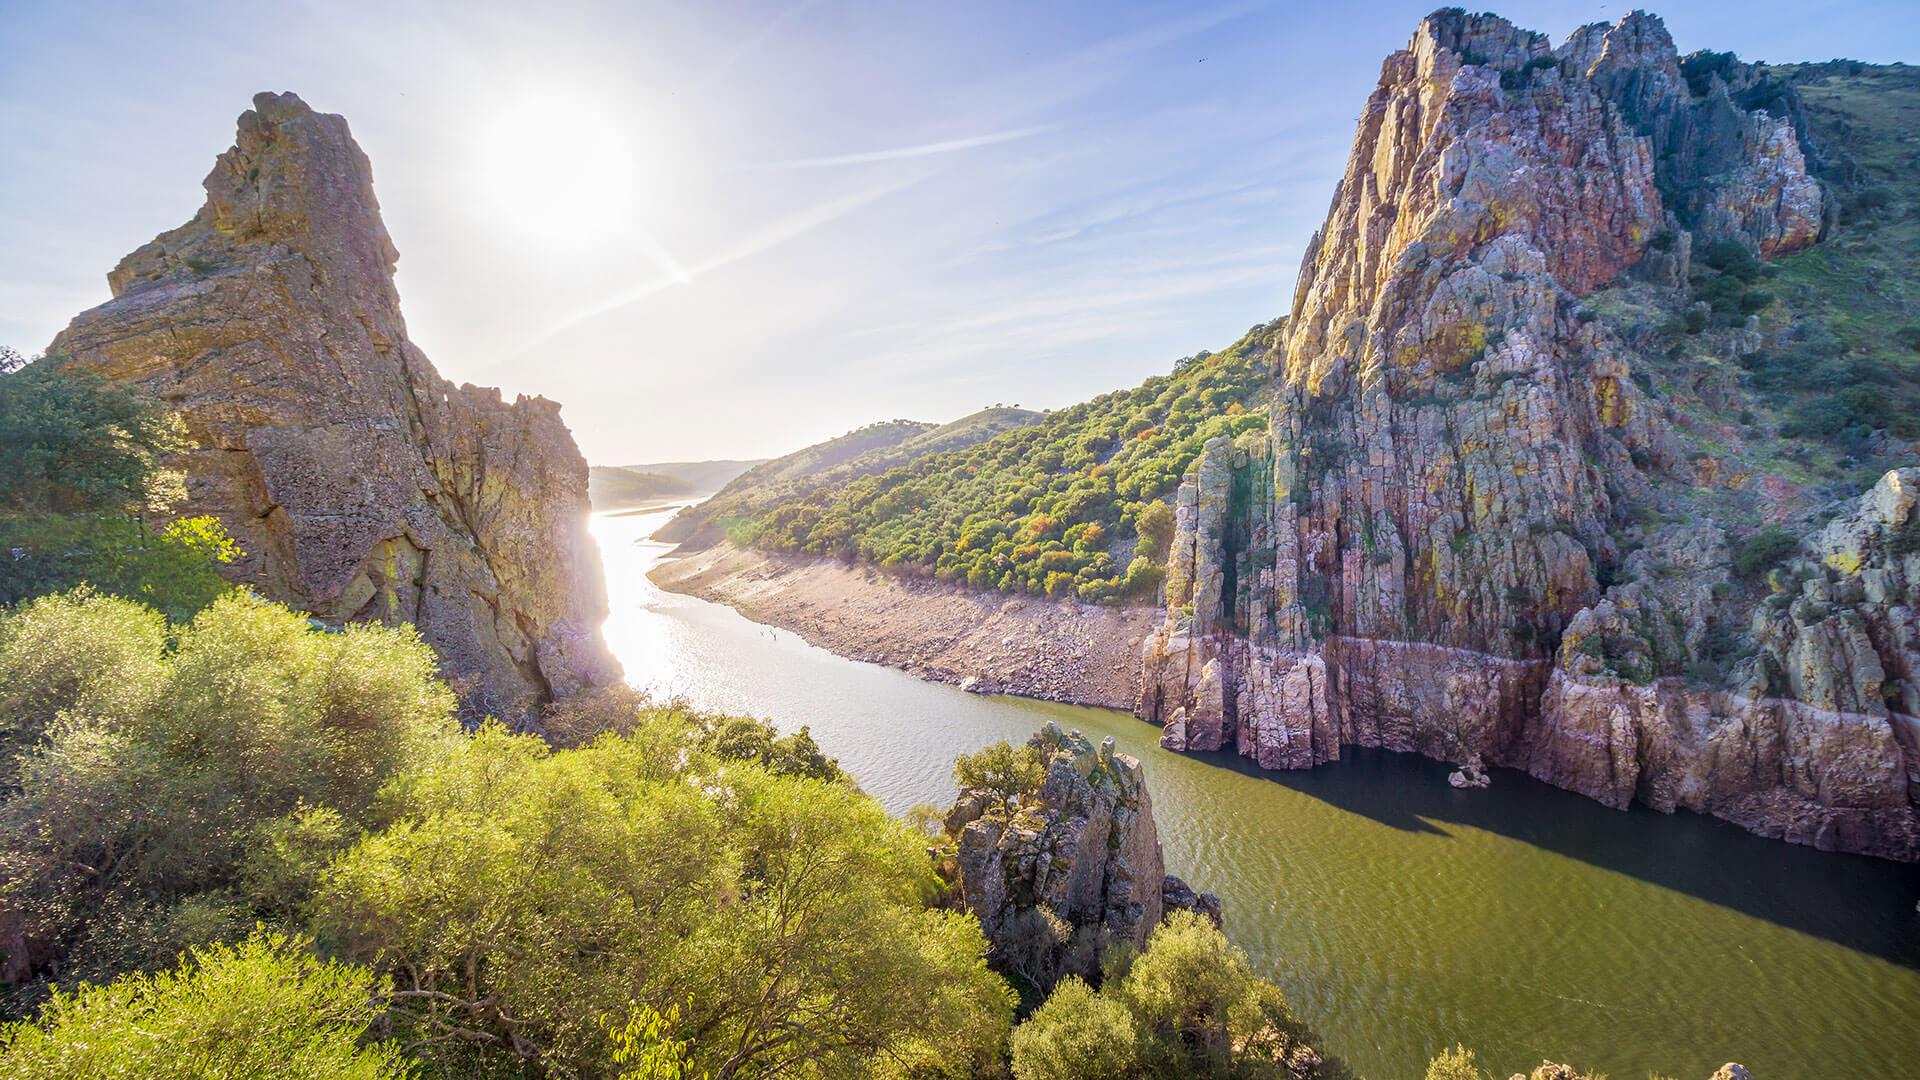 Der Nationalpark Monfrague ist ein wunderschöner Ort, der sich ideal zur Beobachtung von Vögeln aus Zentralspanien eignet. Er befindet sich in der Region Estremadura, Spanien.